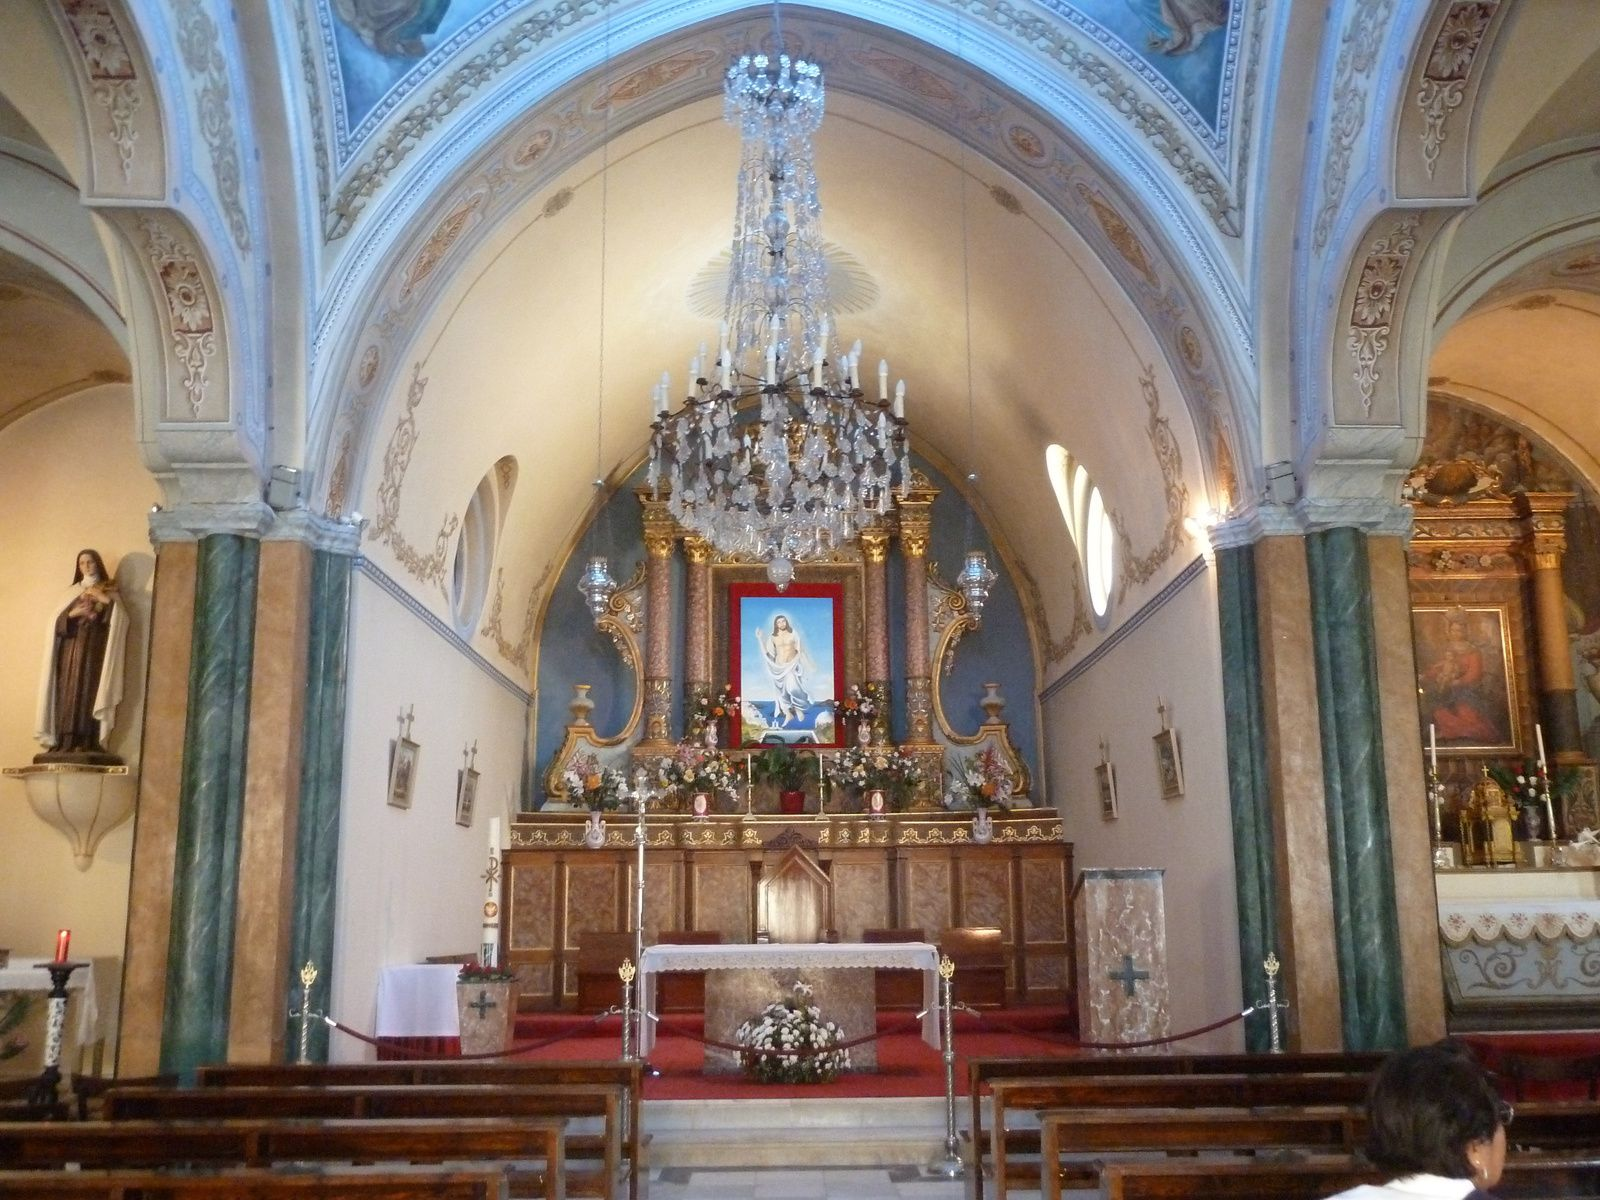 Cathédrale catholique romaine Saint Jean-Baptiste construite en 1823, endommagée par le tremblement de terre du 9 juillet 1956, restaurée, elle a été rendue au culte en 1975.